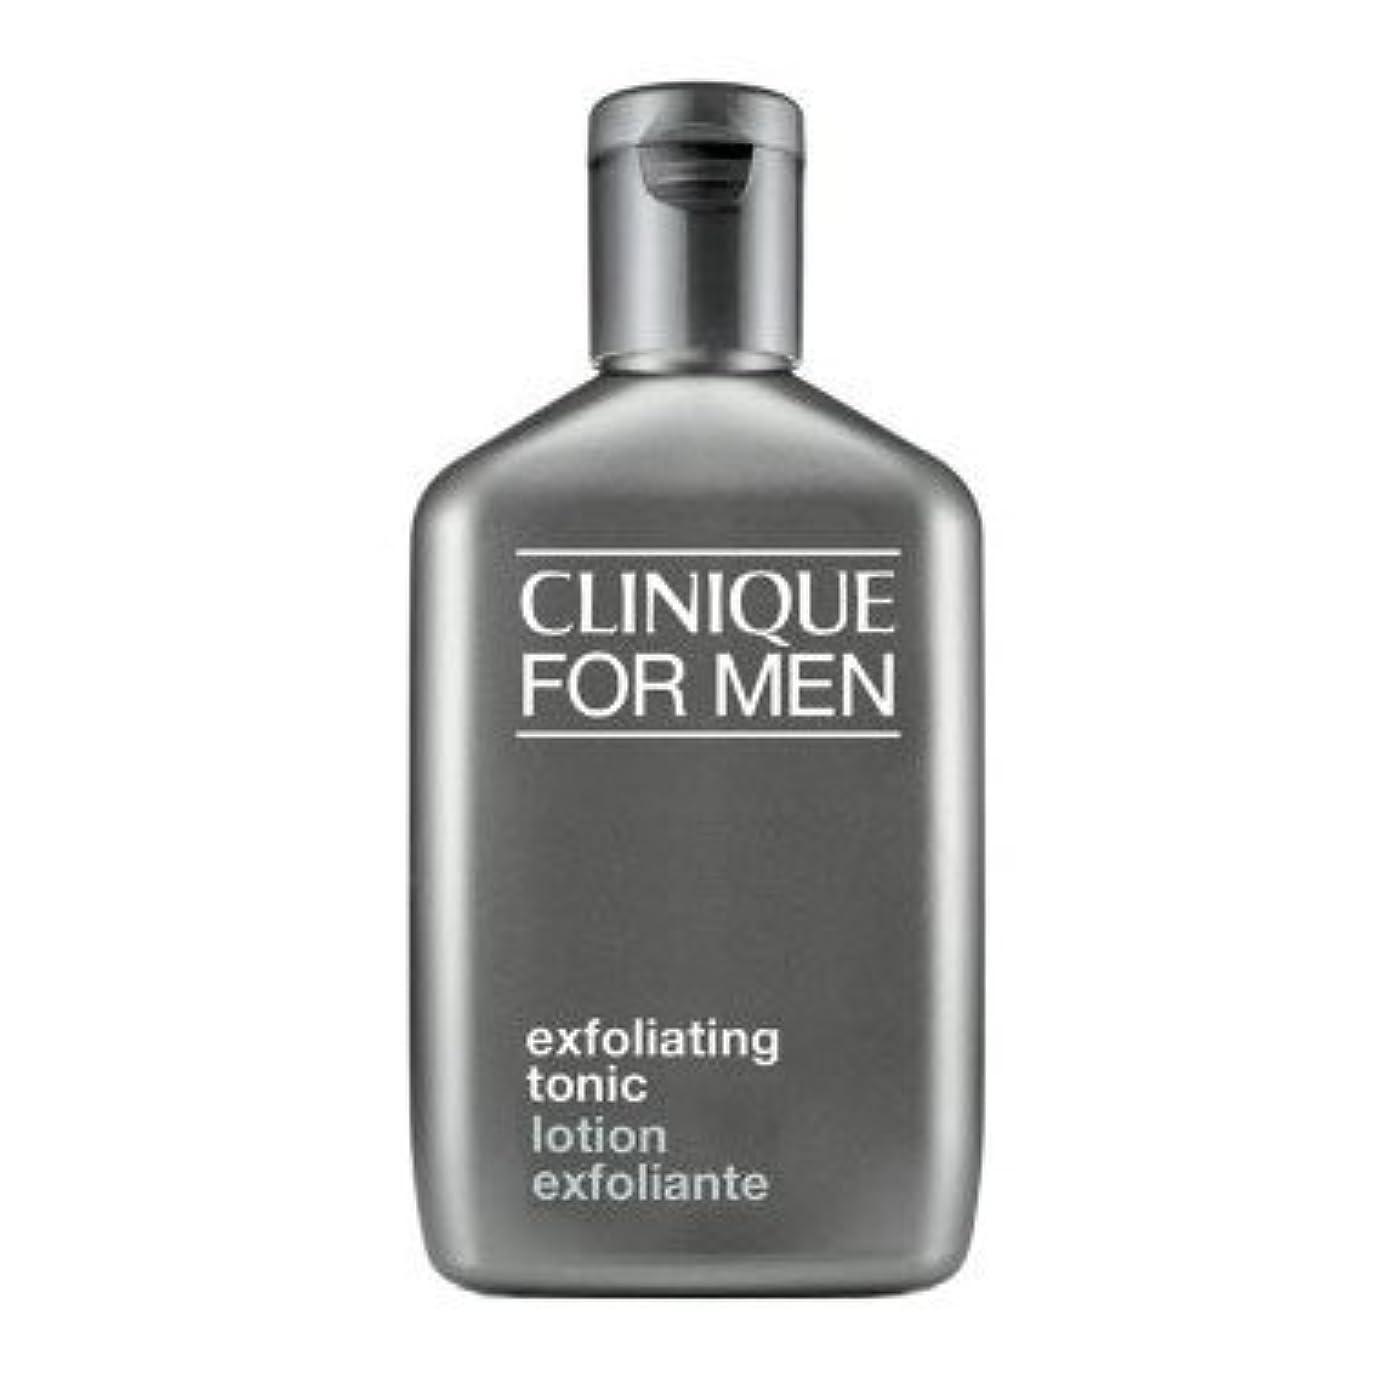 すりあなたが良くなります不規則性クリニークフォーメン(CLINIQUE FOR MEN) エクスフォリエーティング トニック 200ml[並行輸入品]